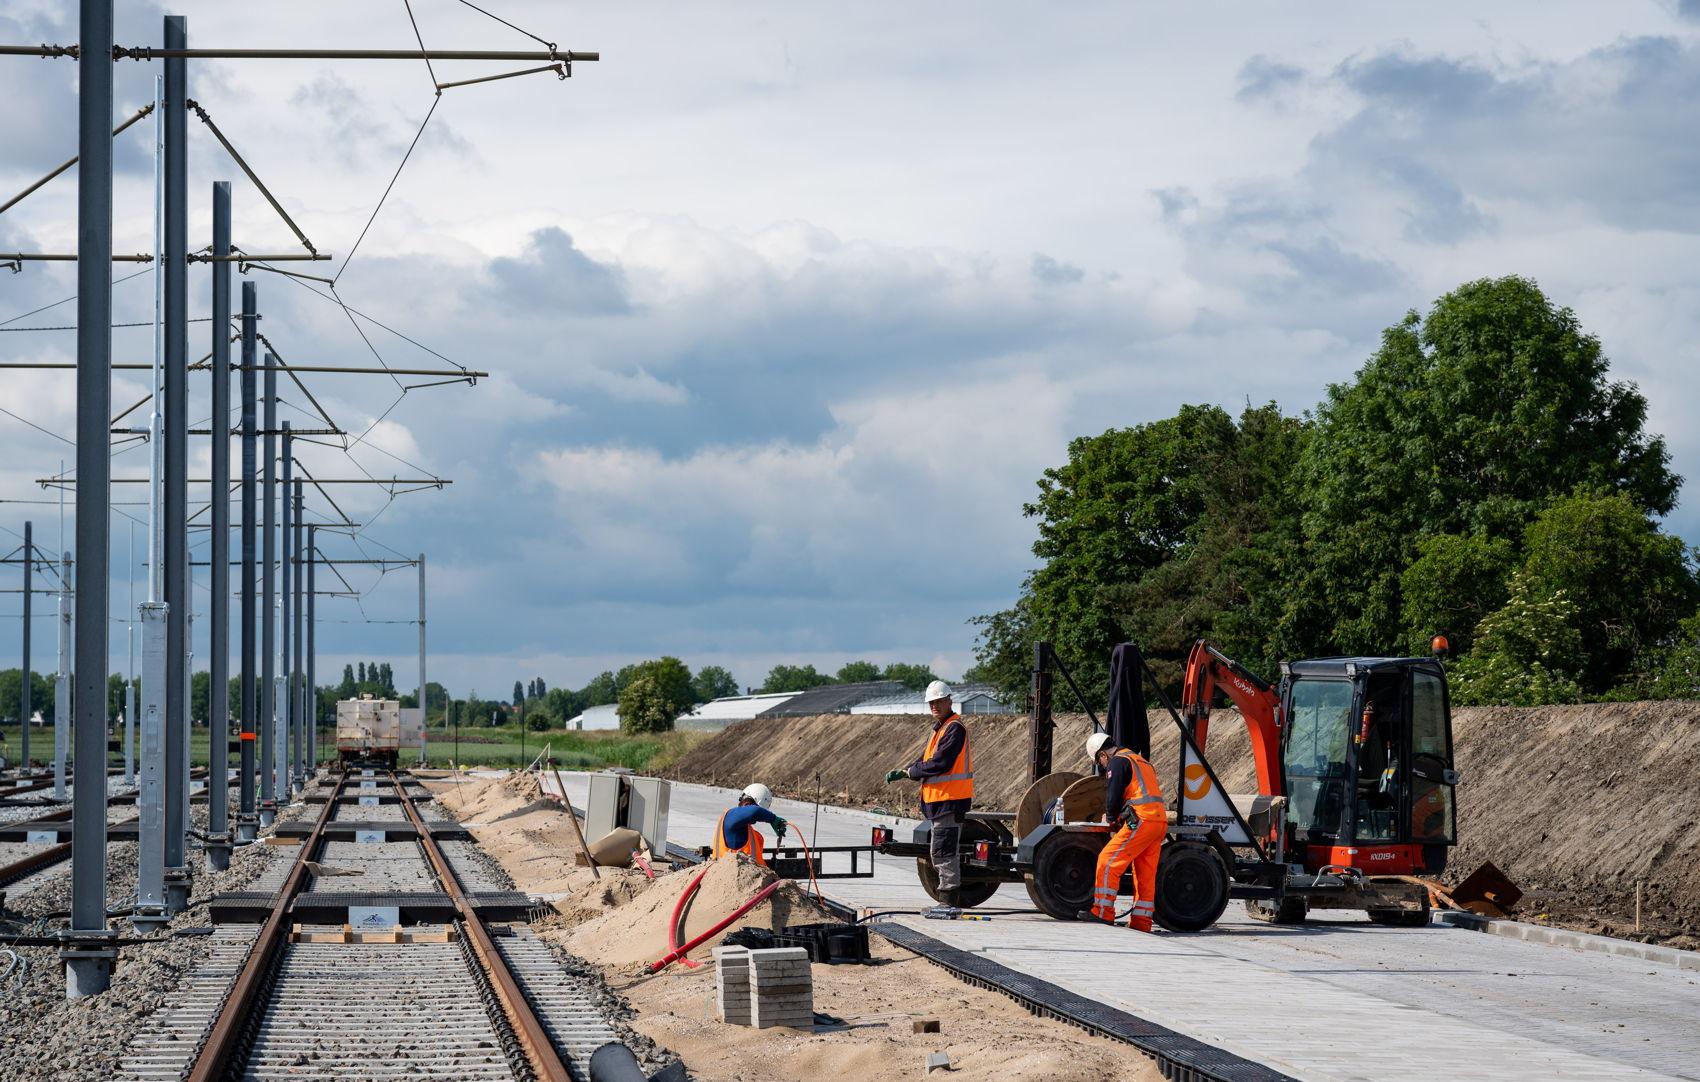 In de toekomst wordt het terrein door het project Uithoornlijn nog uitgebreid zodat er 11 trams extra gestald kunnen worden en wordt het spoor doorgetrokken richting Uithoorn. De berg zand rechts op de foto is alvast de voorbelasting voor dit spoor (foto gemaakt op 8 juni).